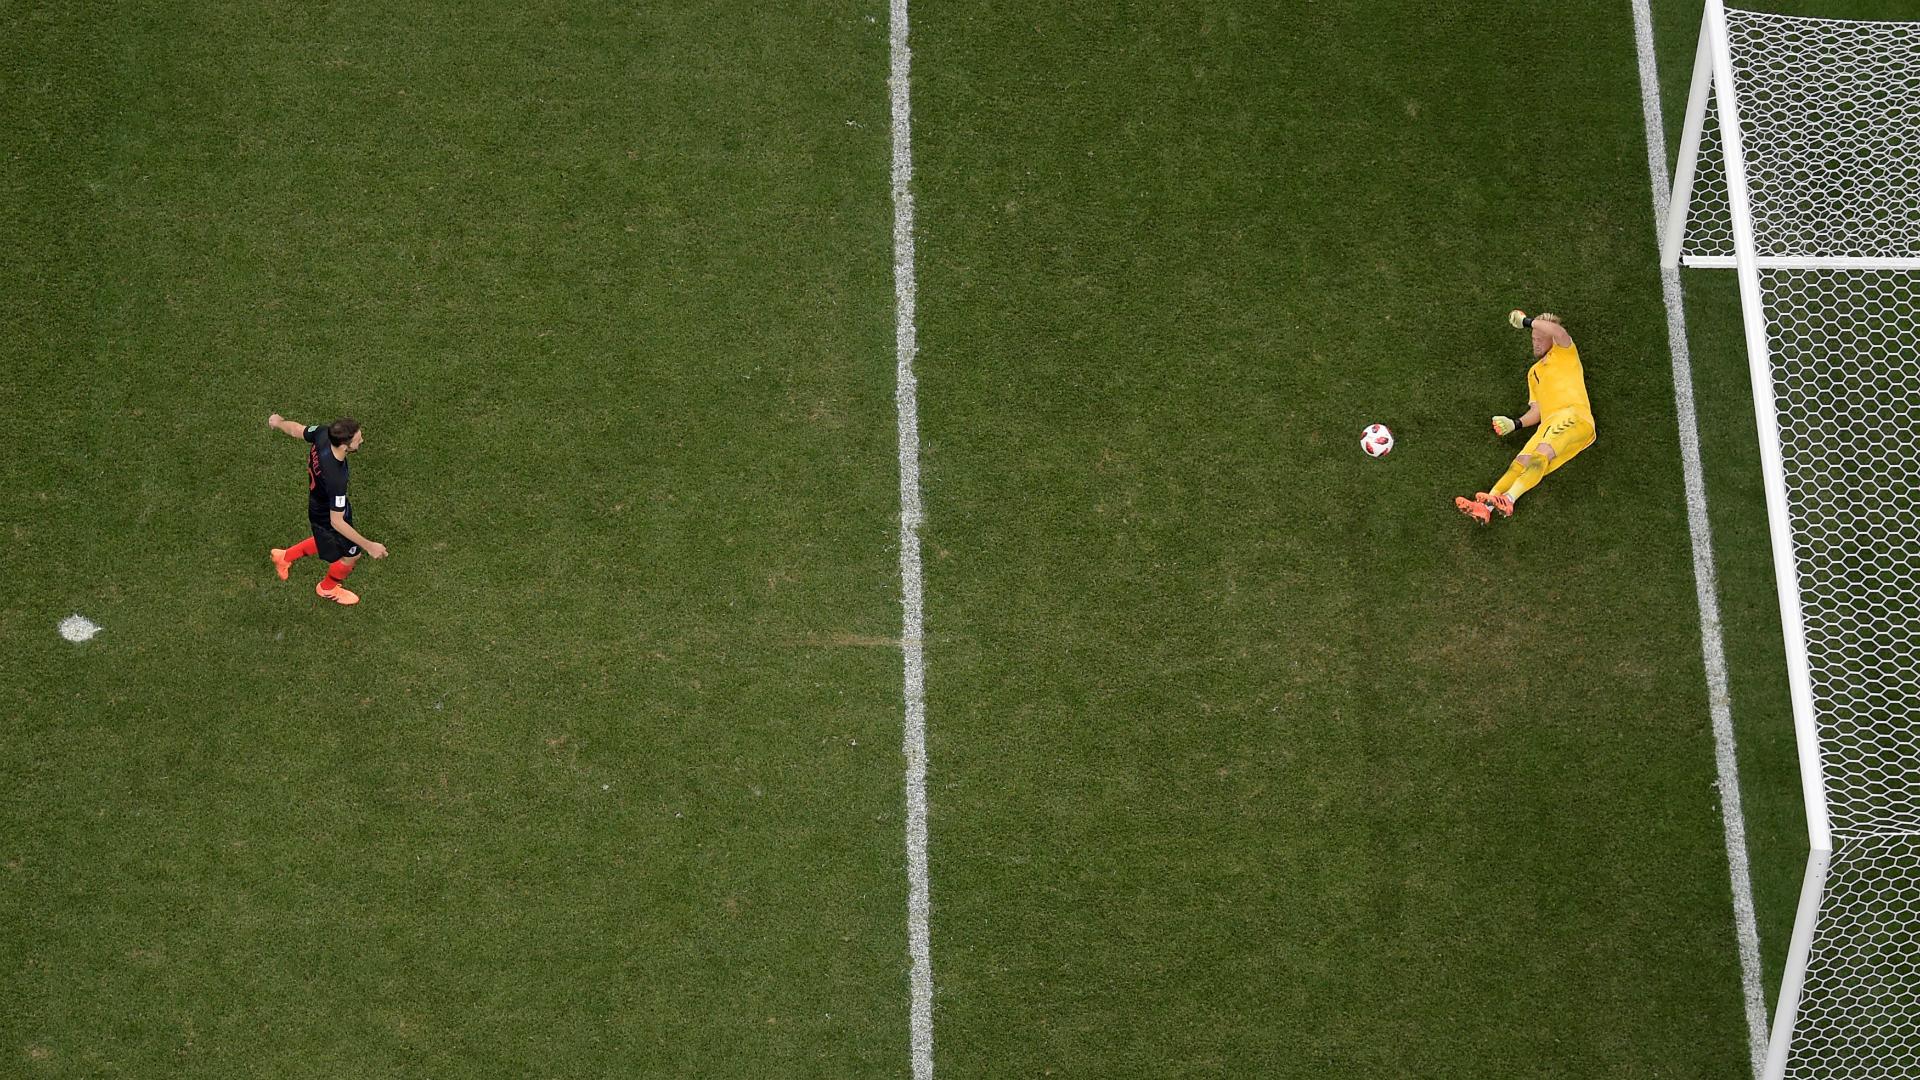 Milan badelj Kasper Schmeichel penalty Croatia Denmark WC 01072018